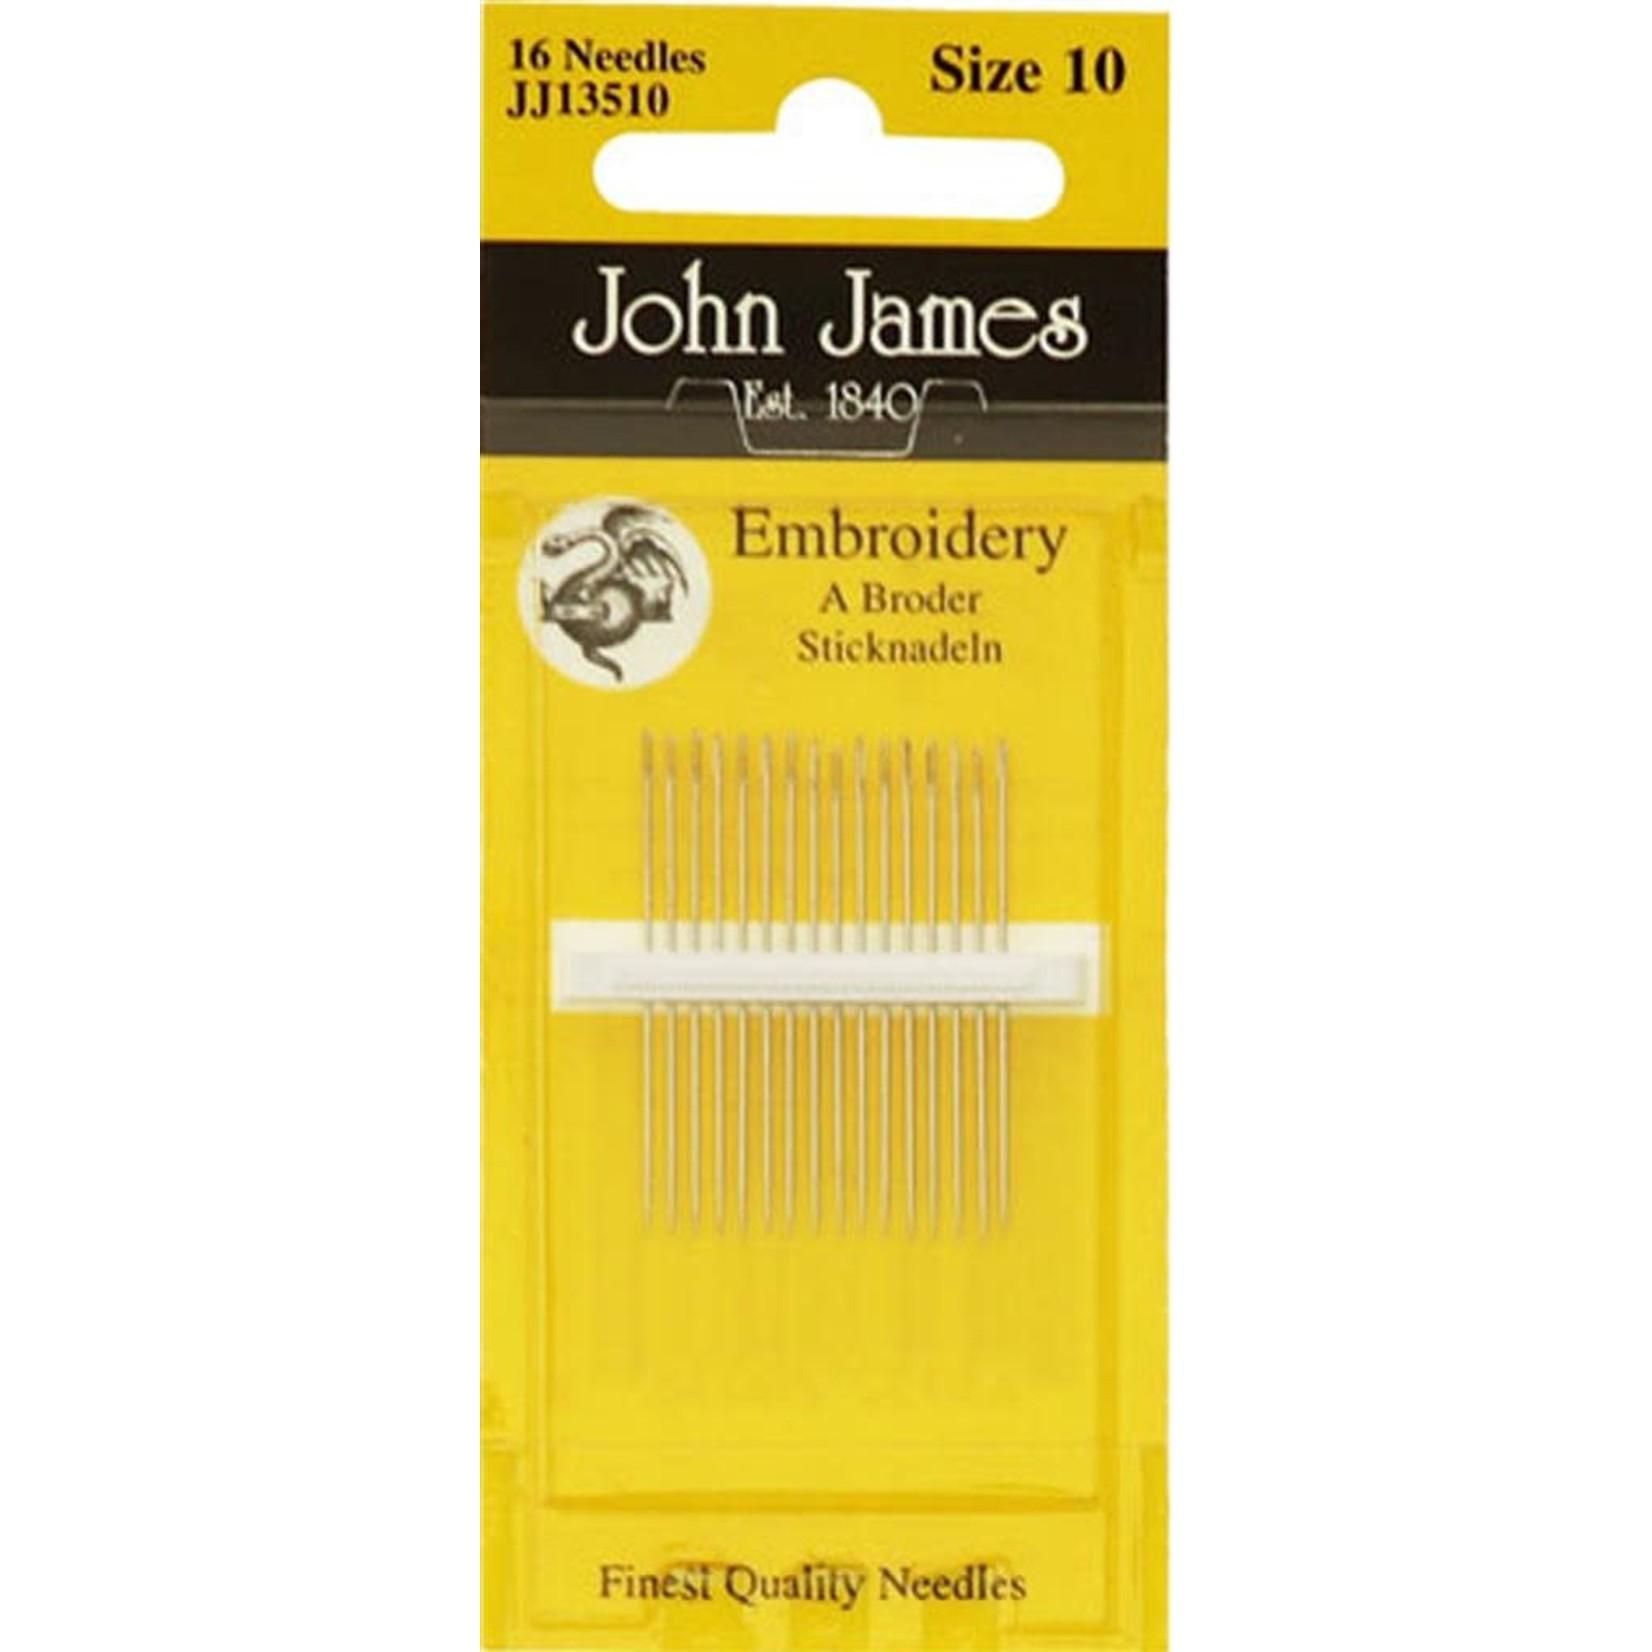 John James Borduurnaalden - Embroidery - Size 10 - 16 stuks